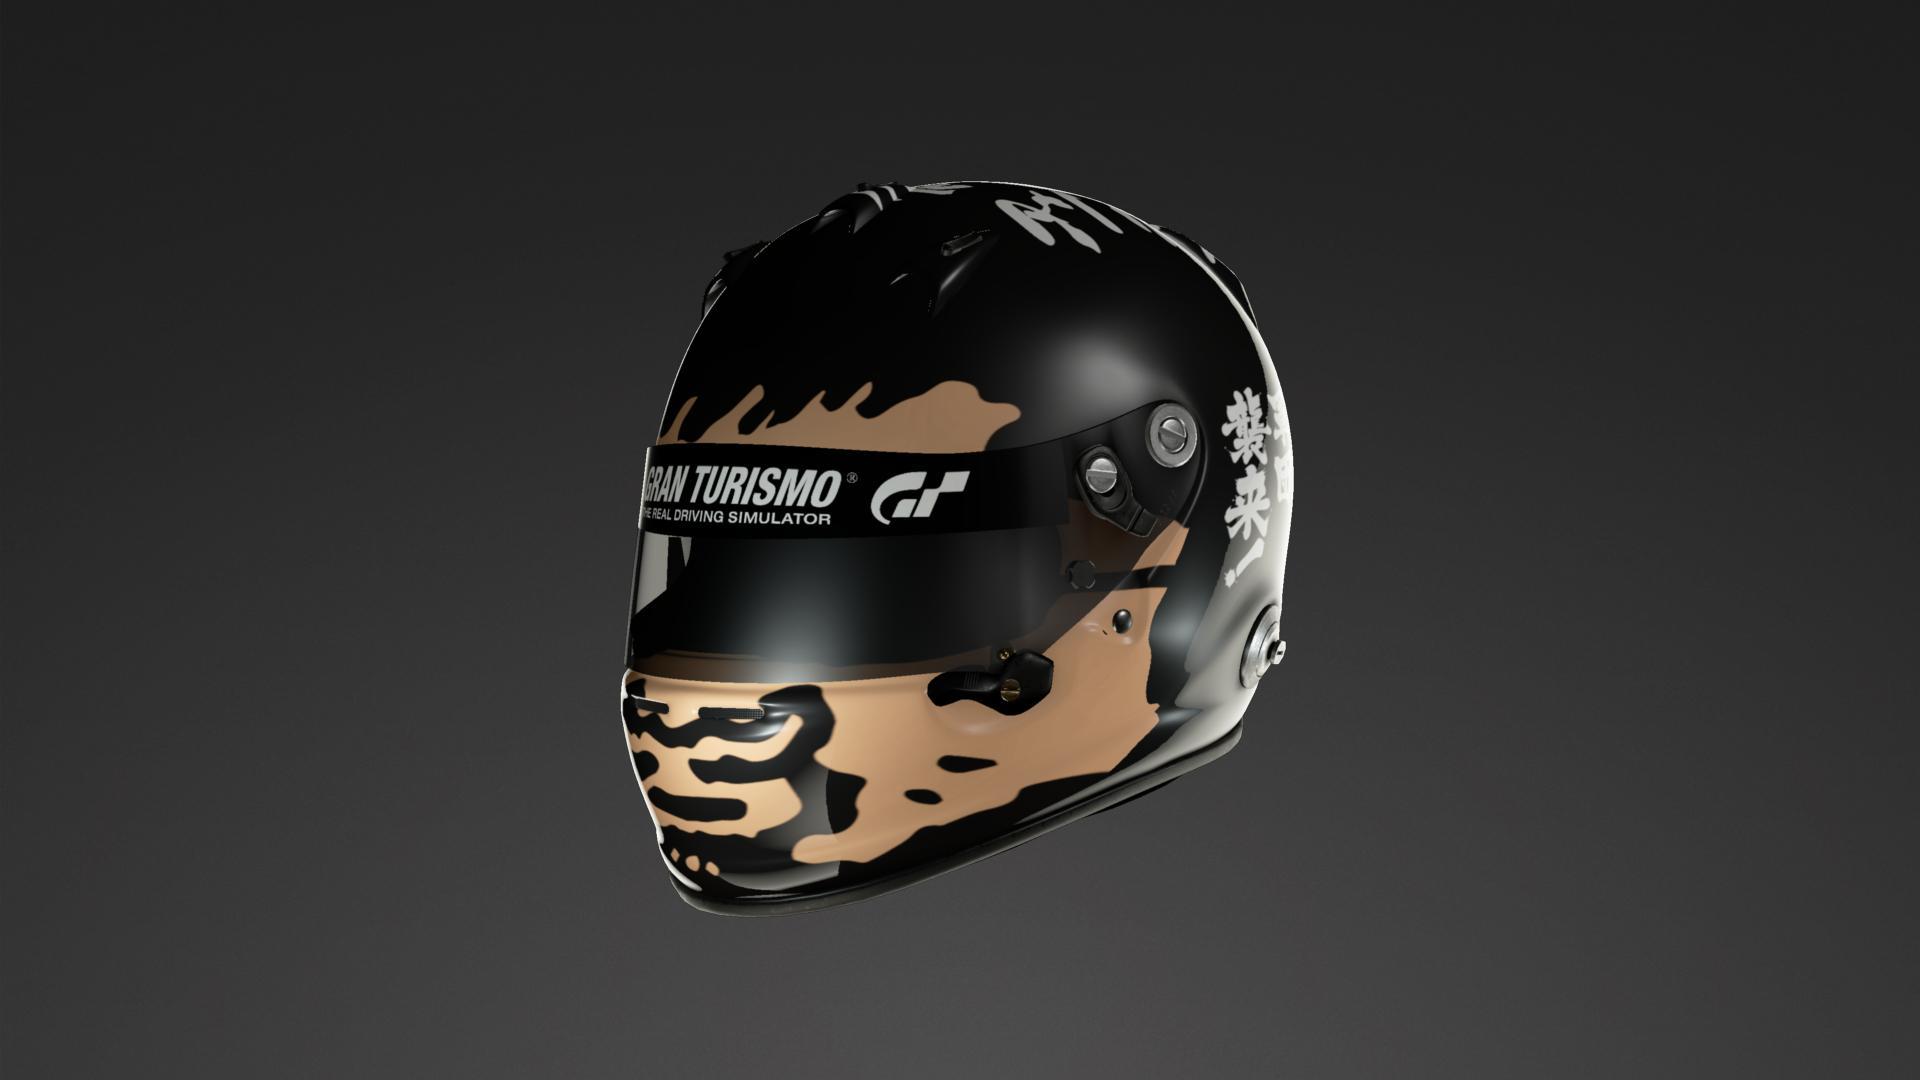 水曜どうでしょう Helmet Livery By Atsu Fd2 Community Gran